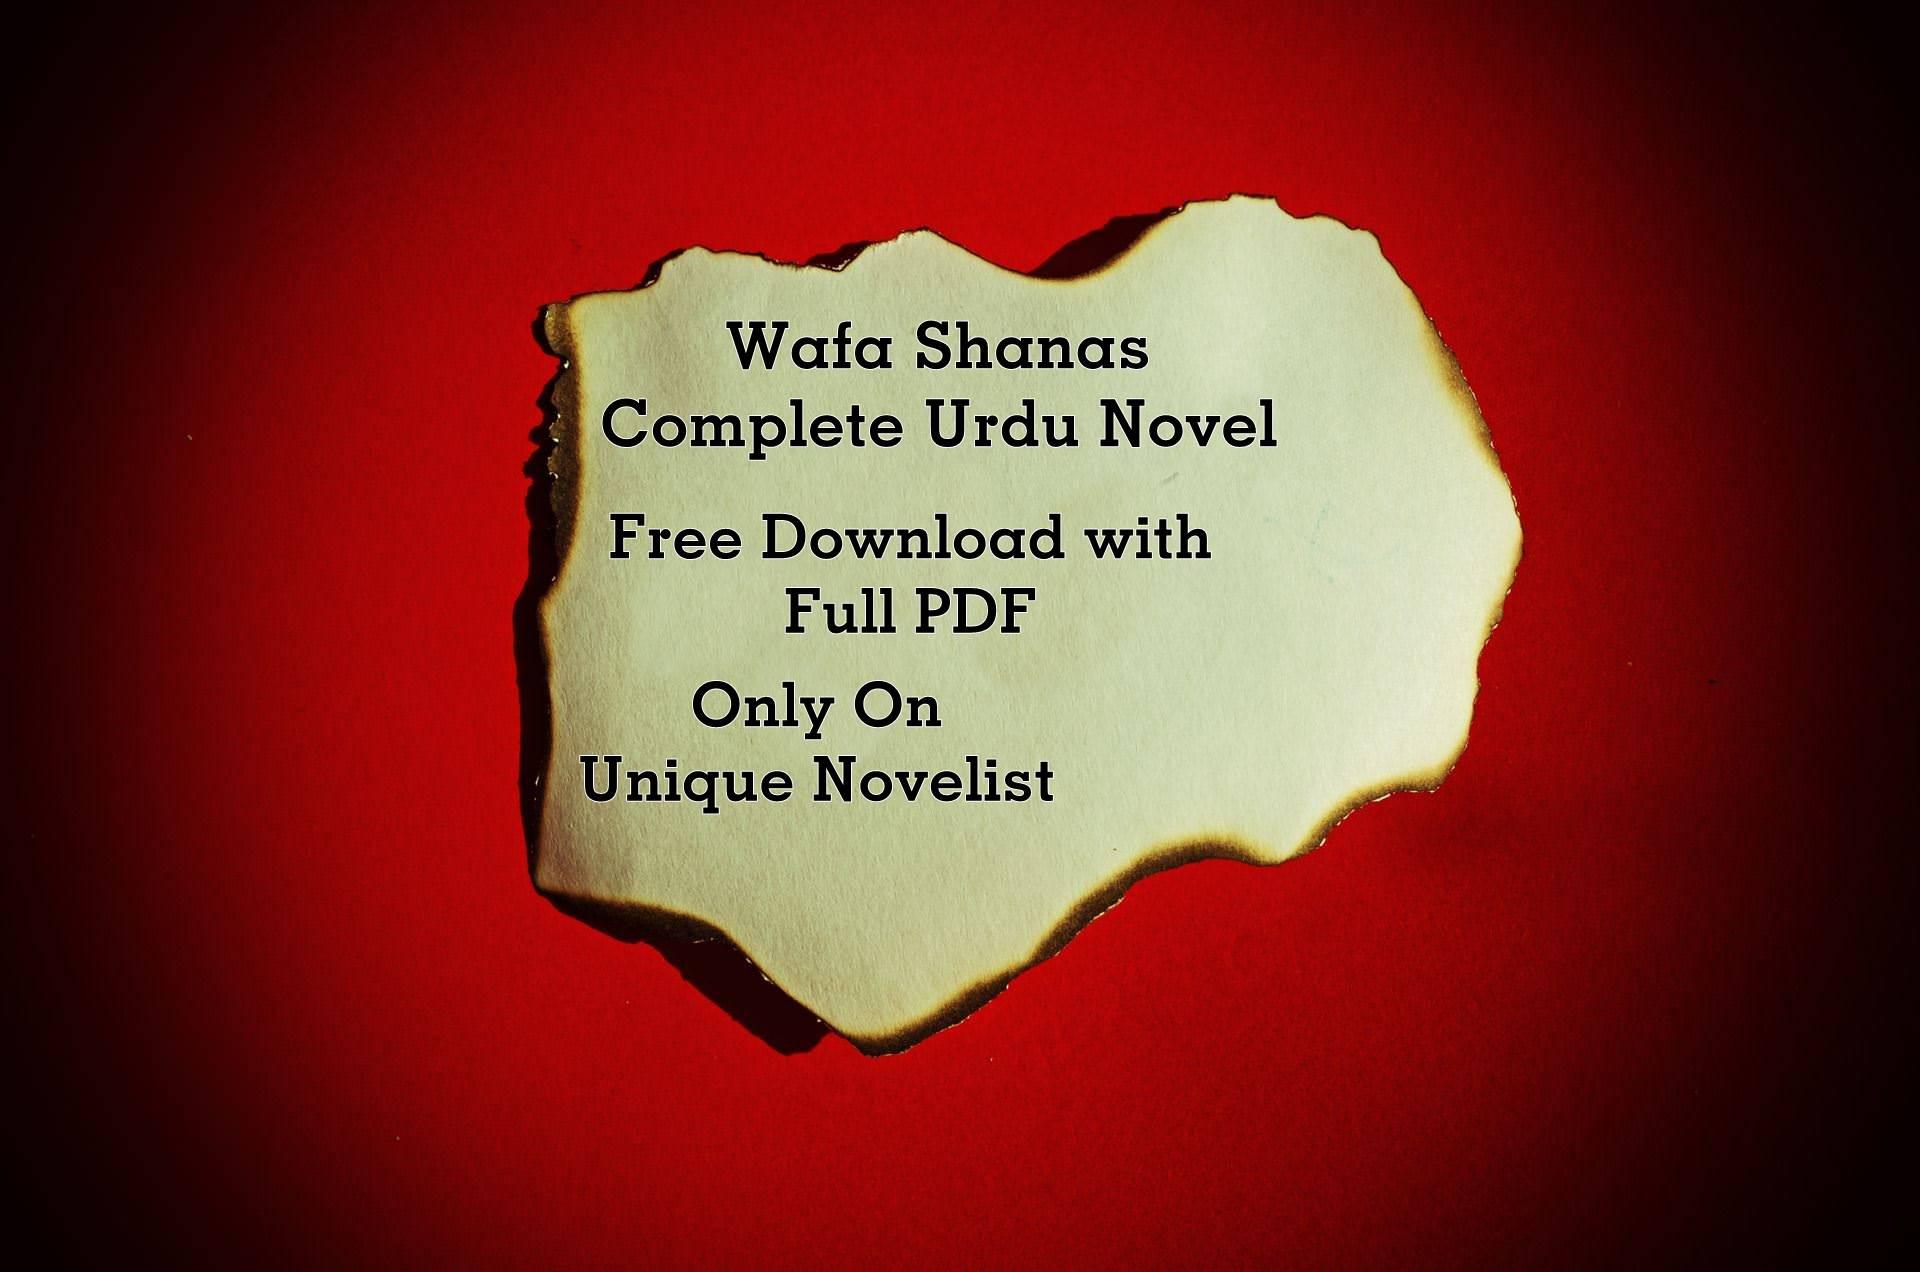 Wafa Shanas Romantic Urdu Novel